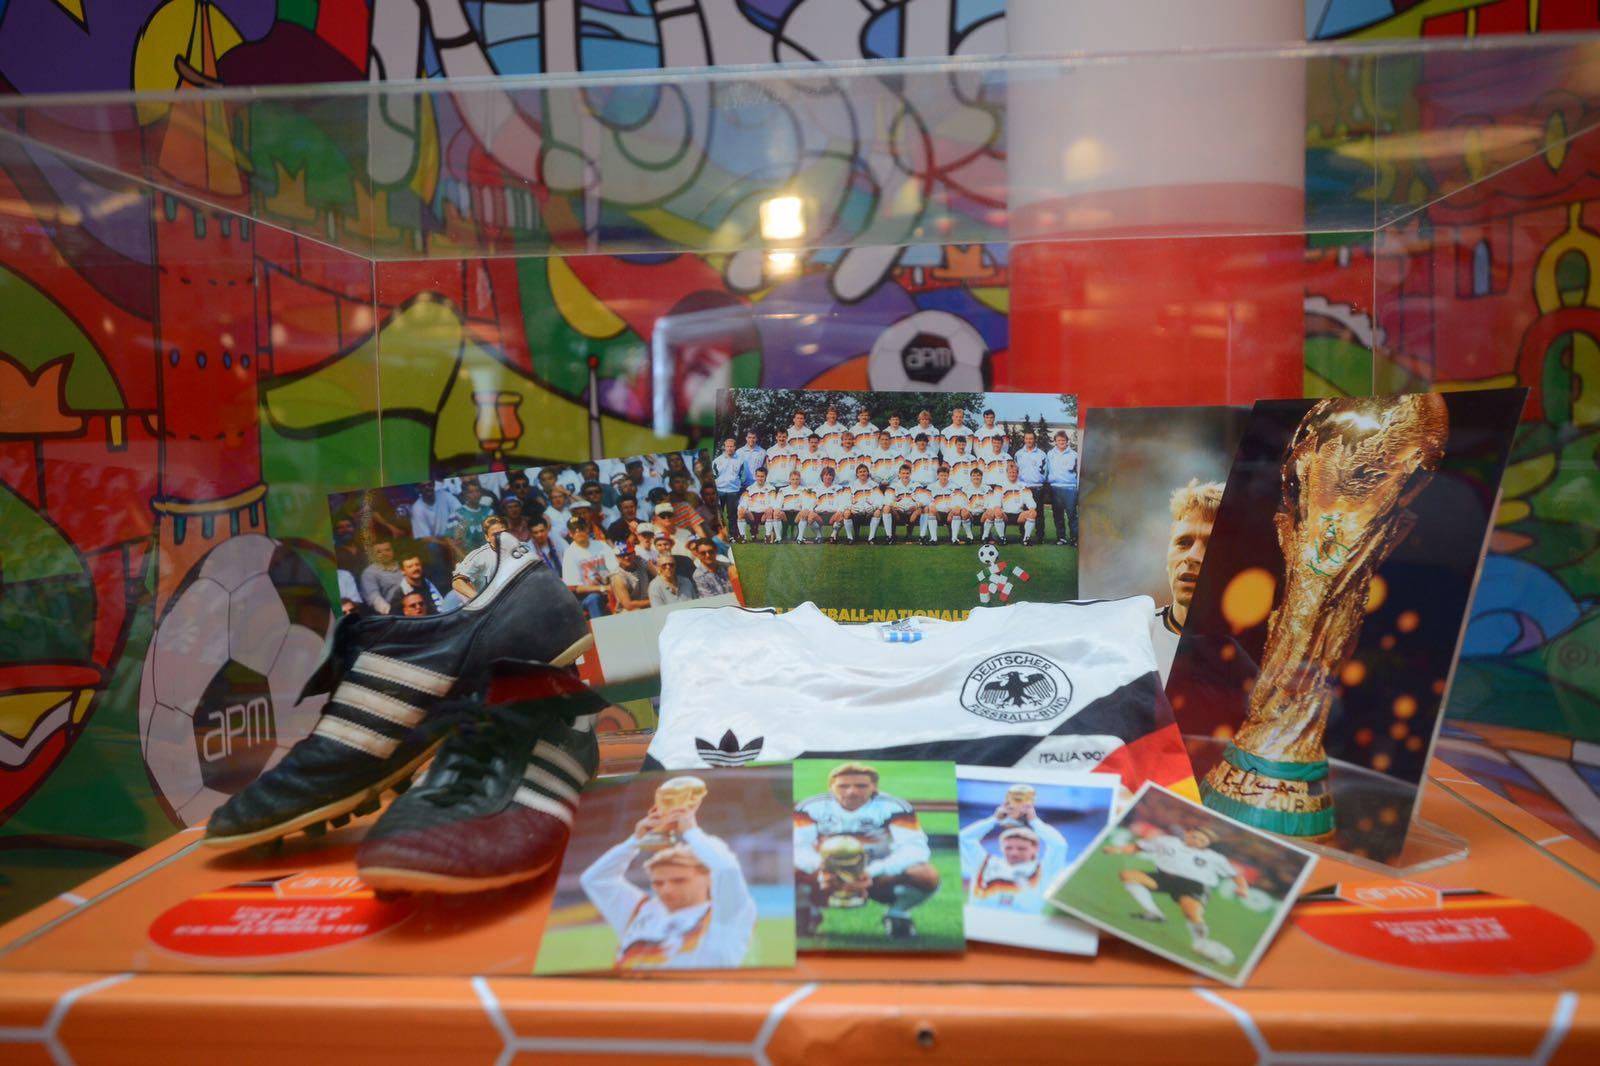 商場展示德國國家隊球衣、球鞋。